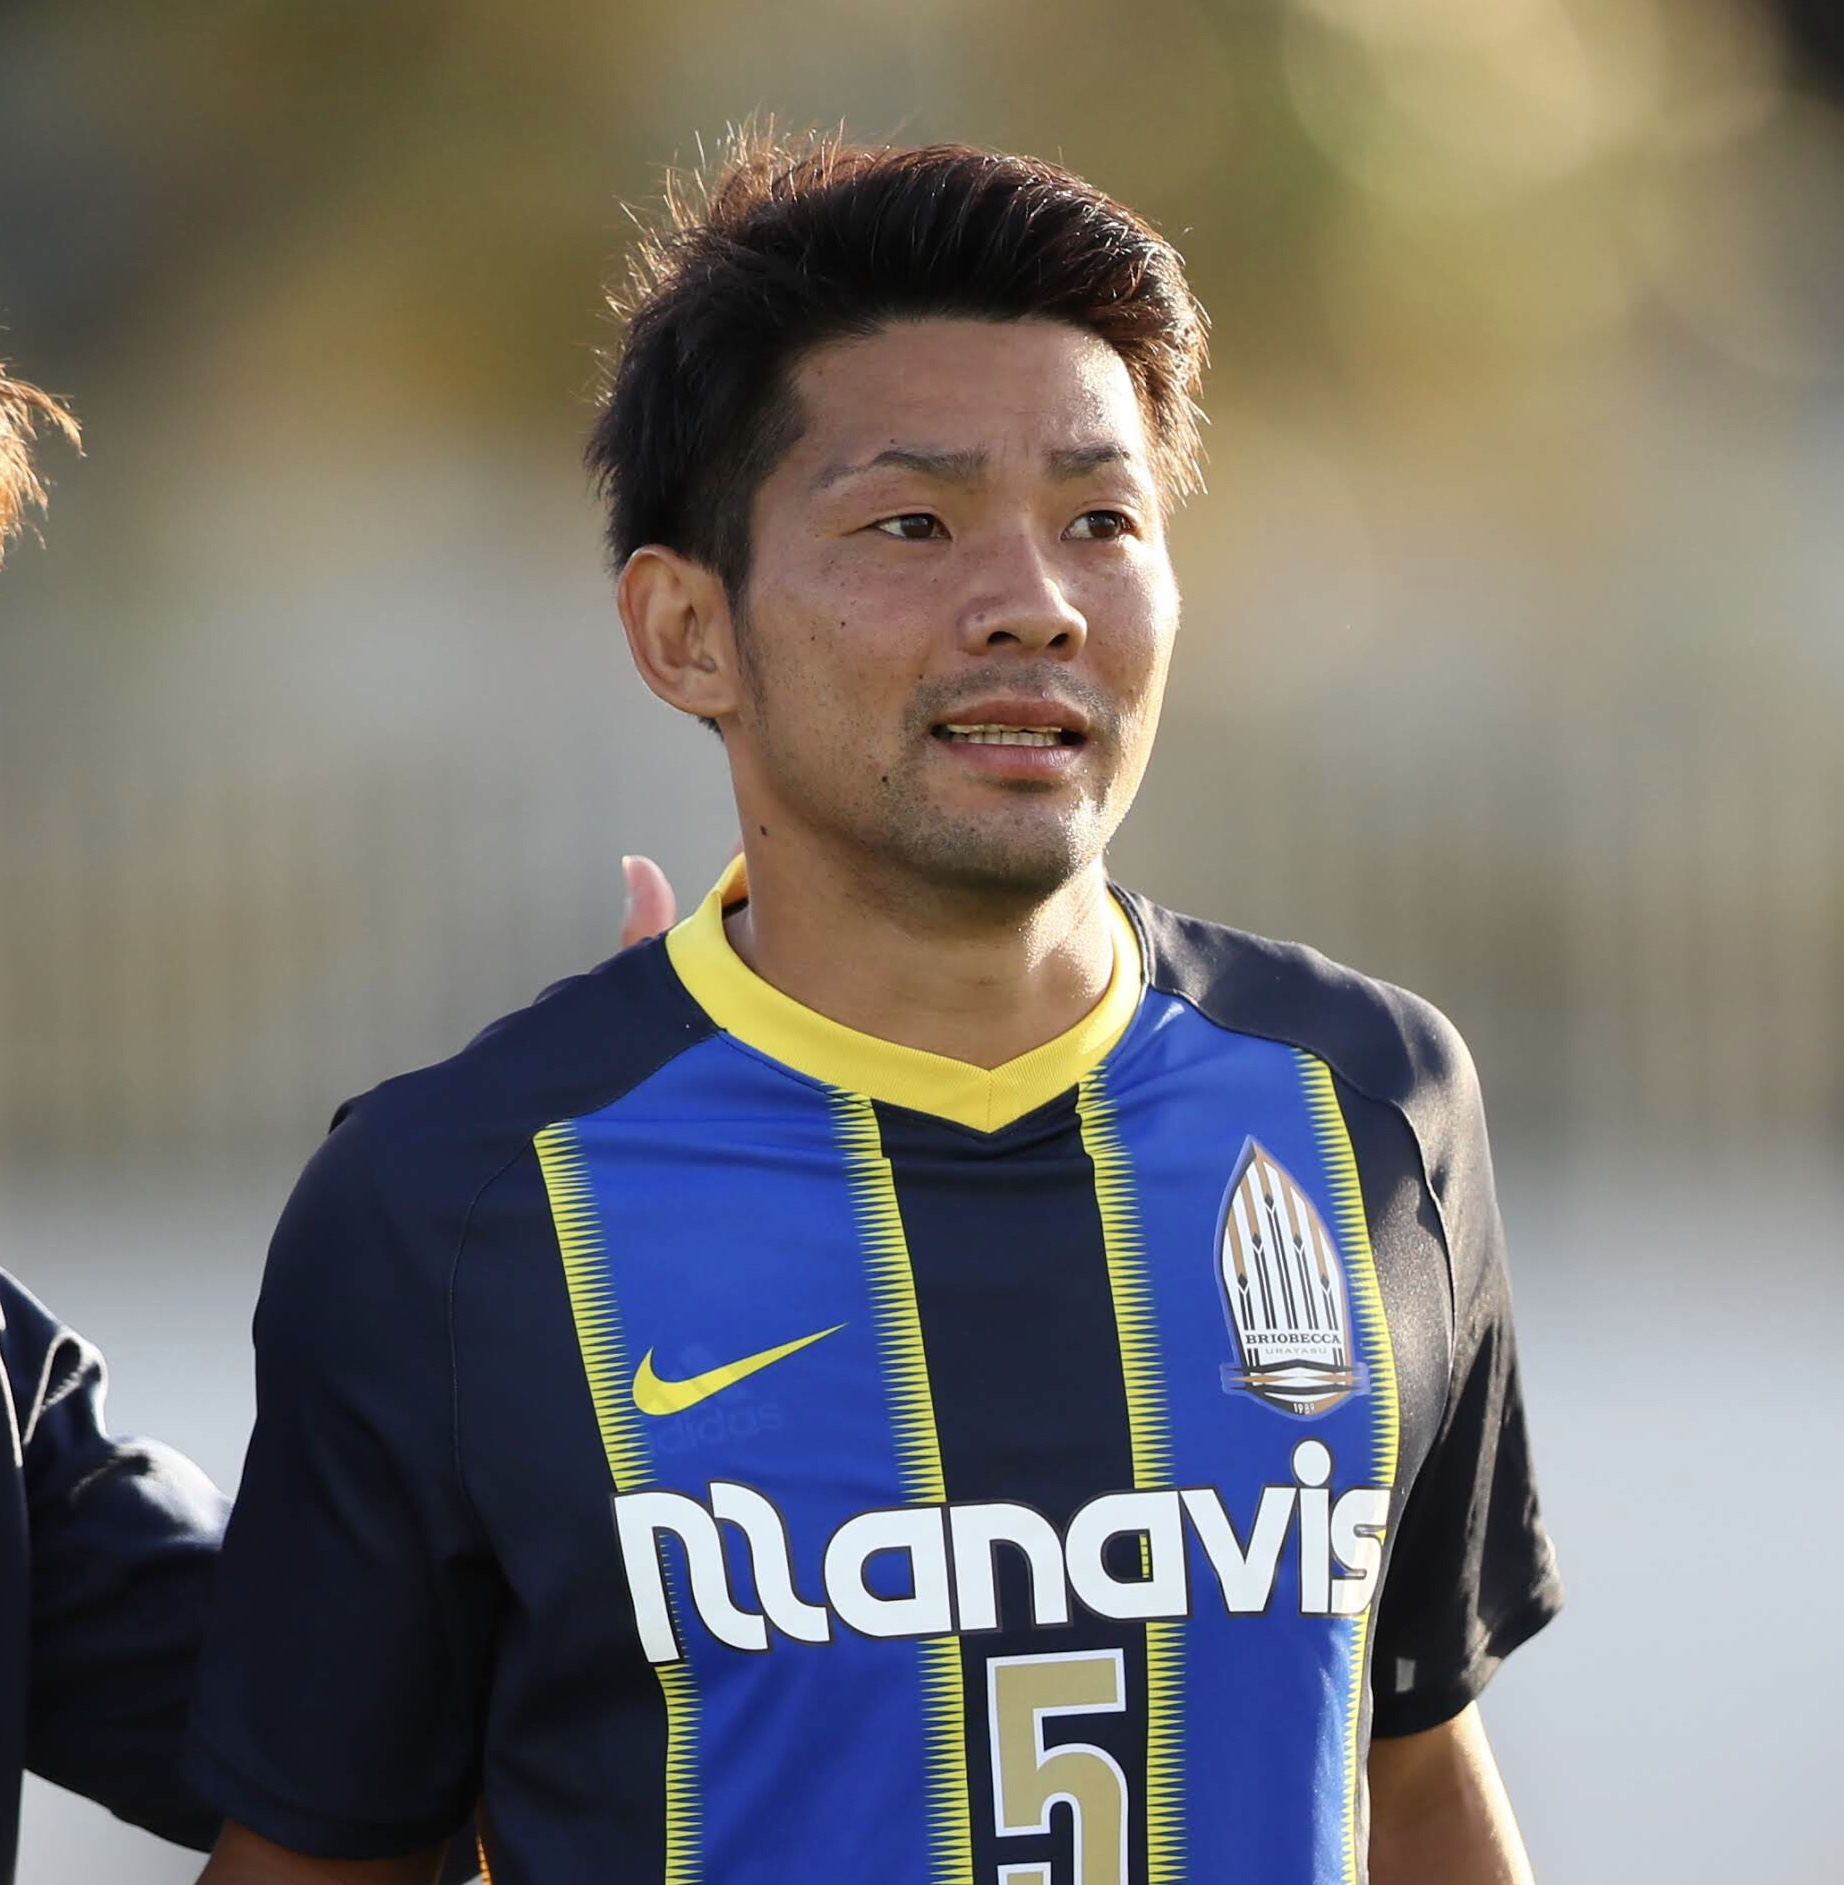 矢部雅明選手 引退のお知らせ